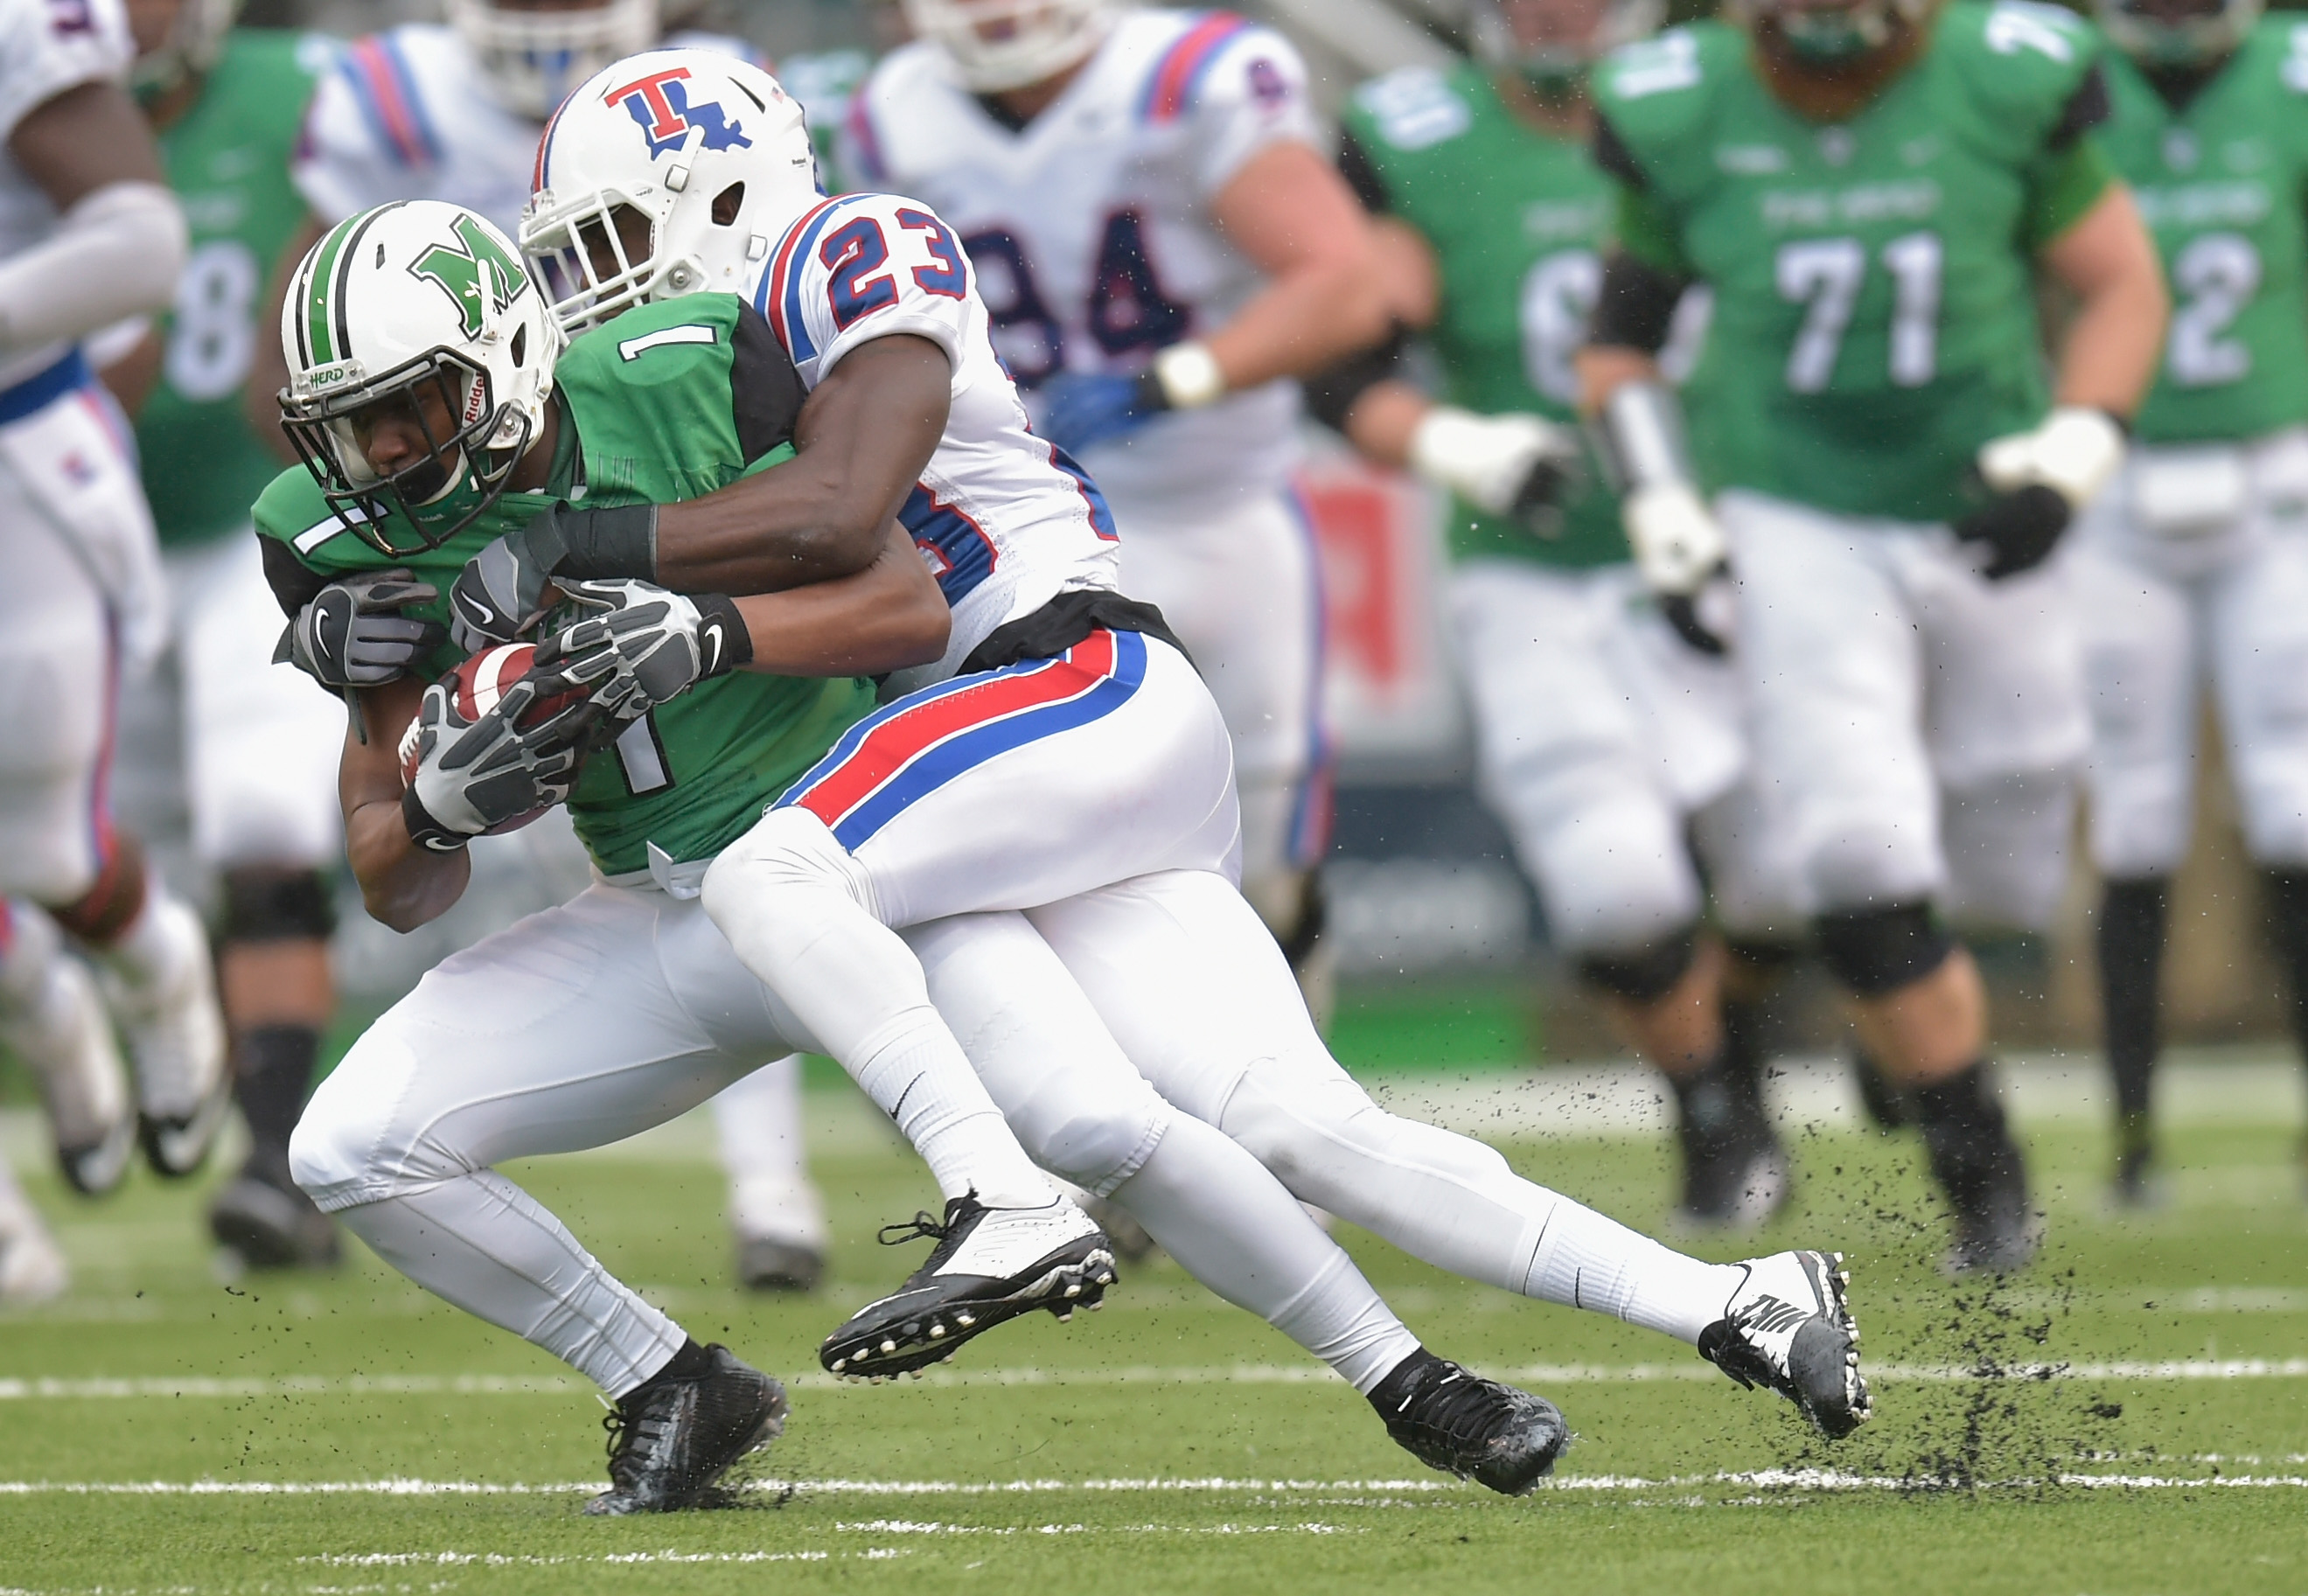 CUSA Football Championship - Louisiana Tech v Marshall